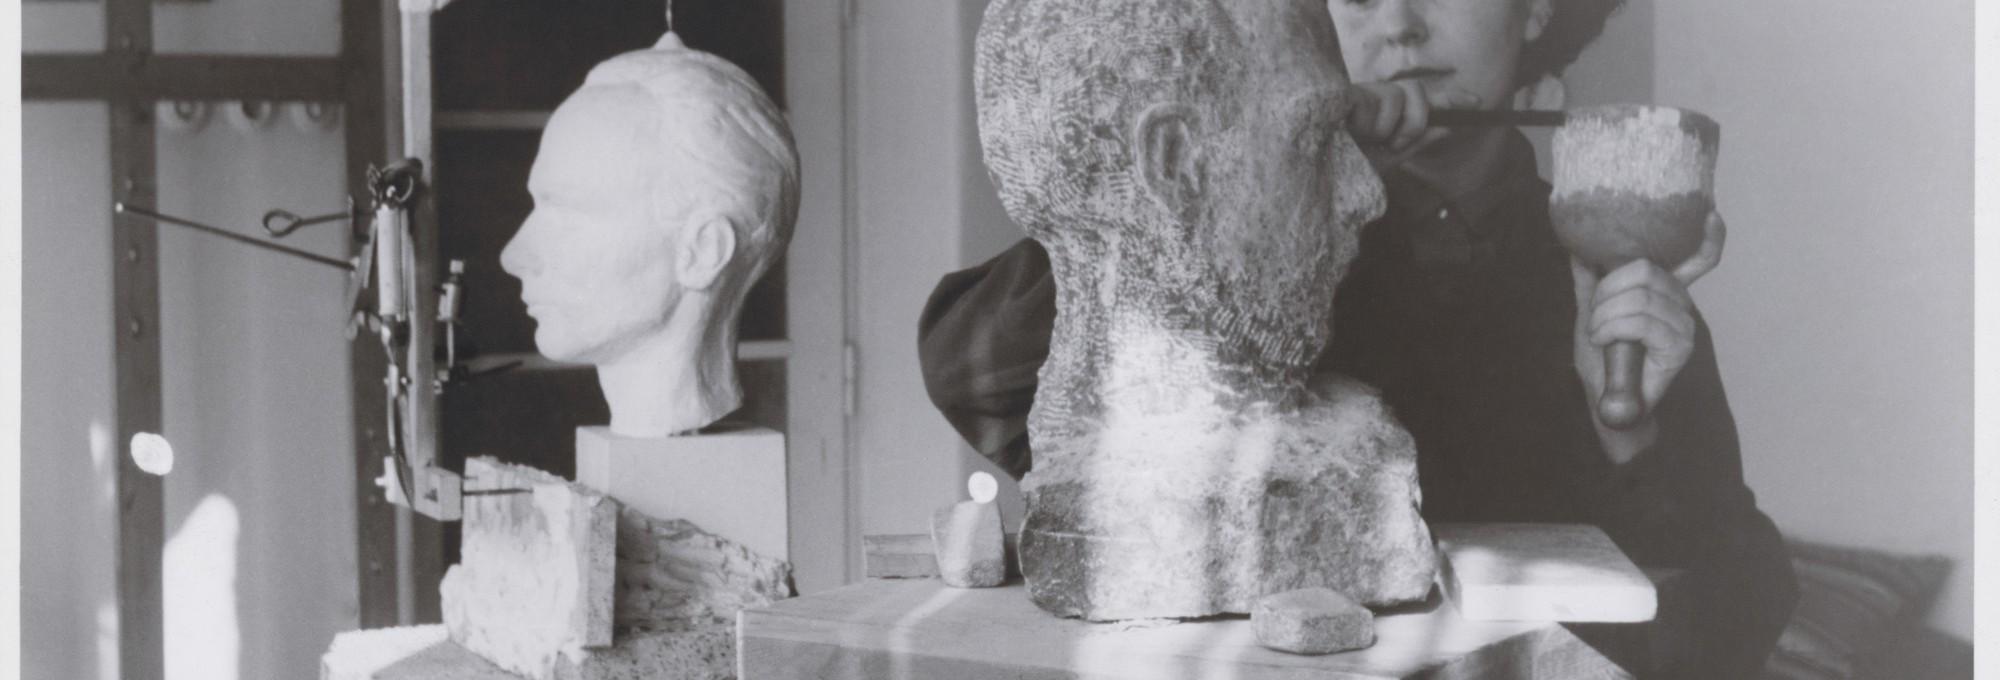 Nová výstava SNG predstaví nepoznané československé sochárky (rozhovor)